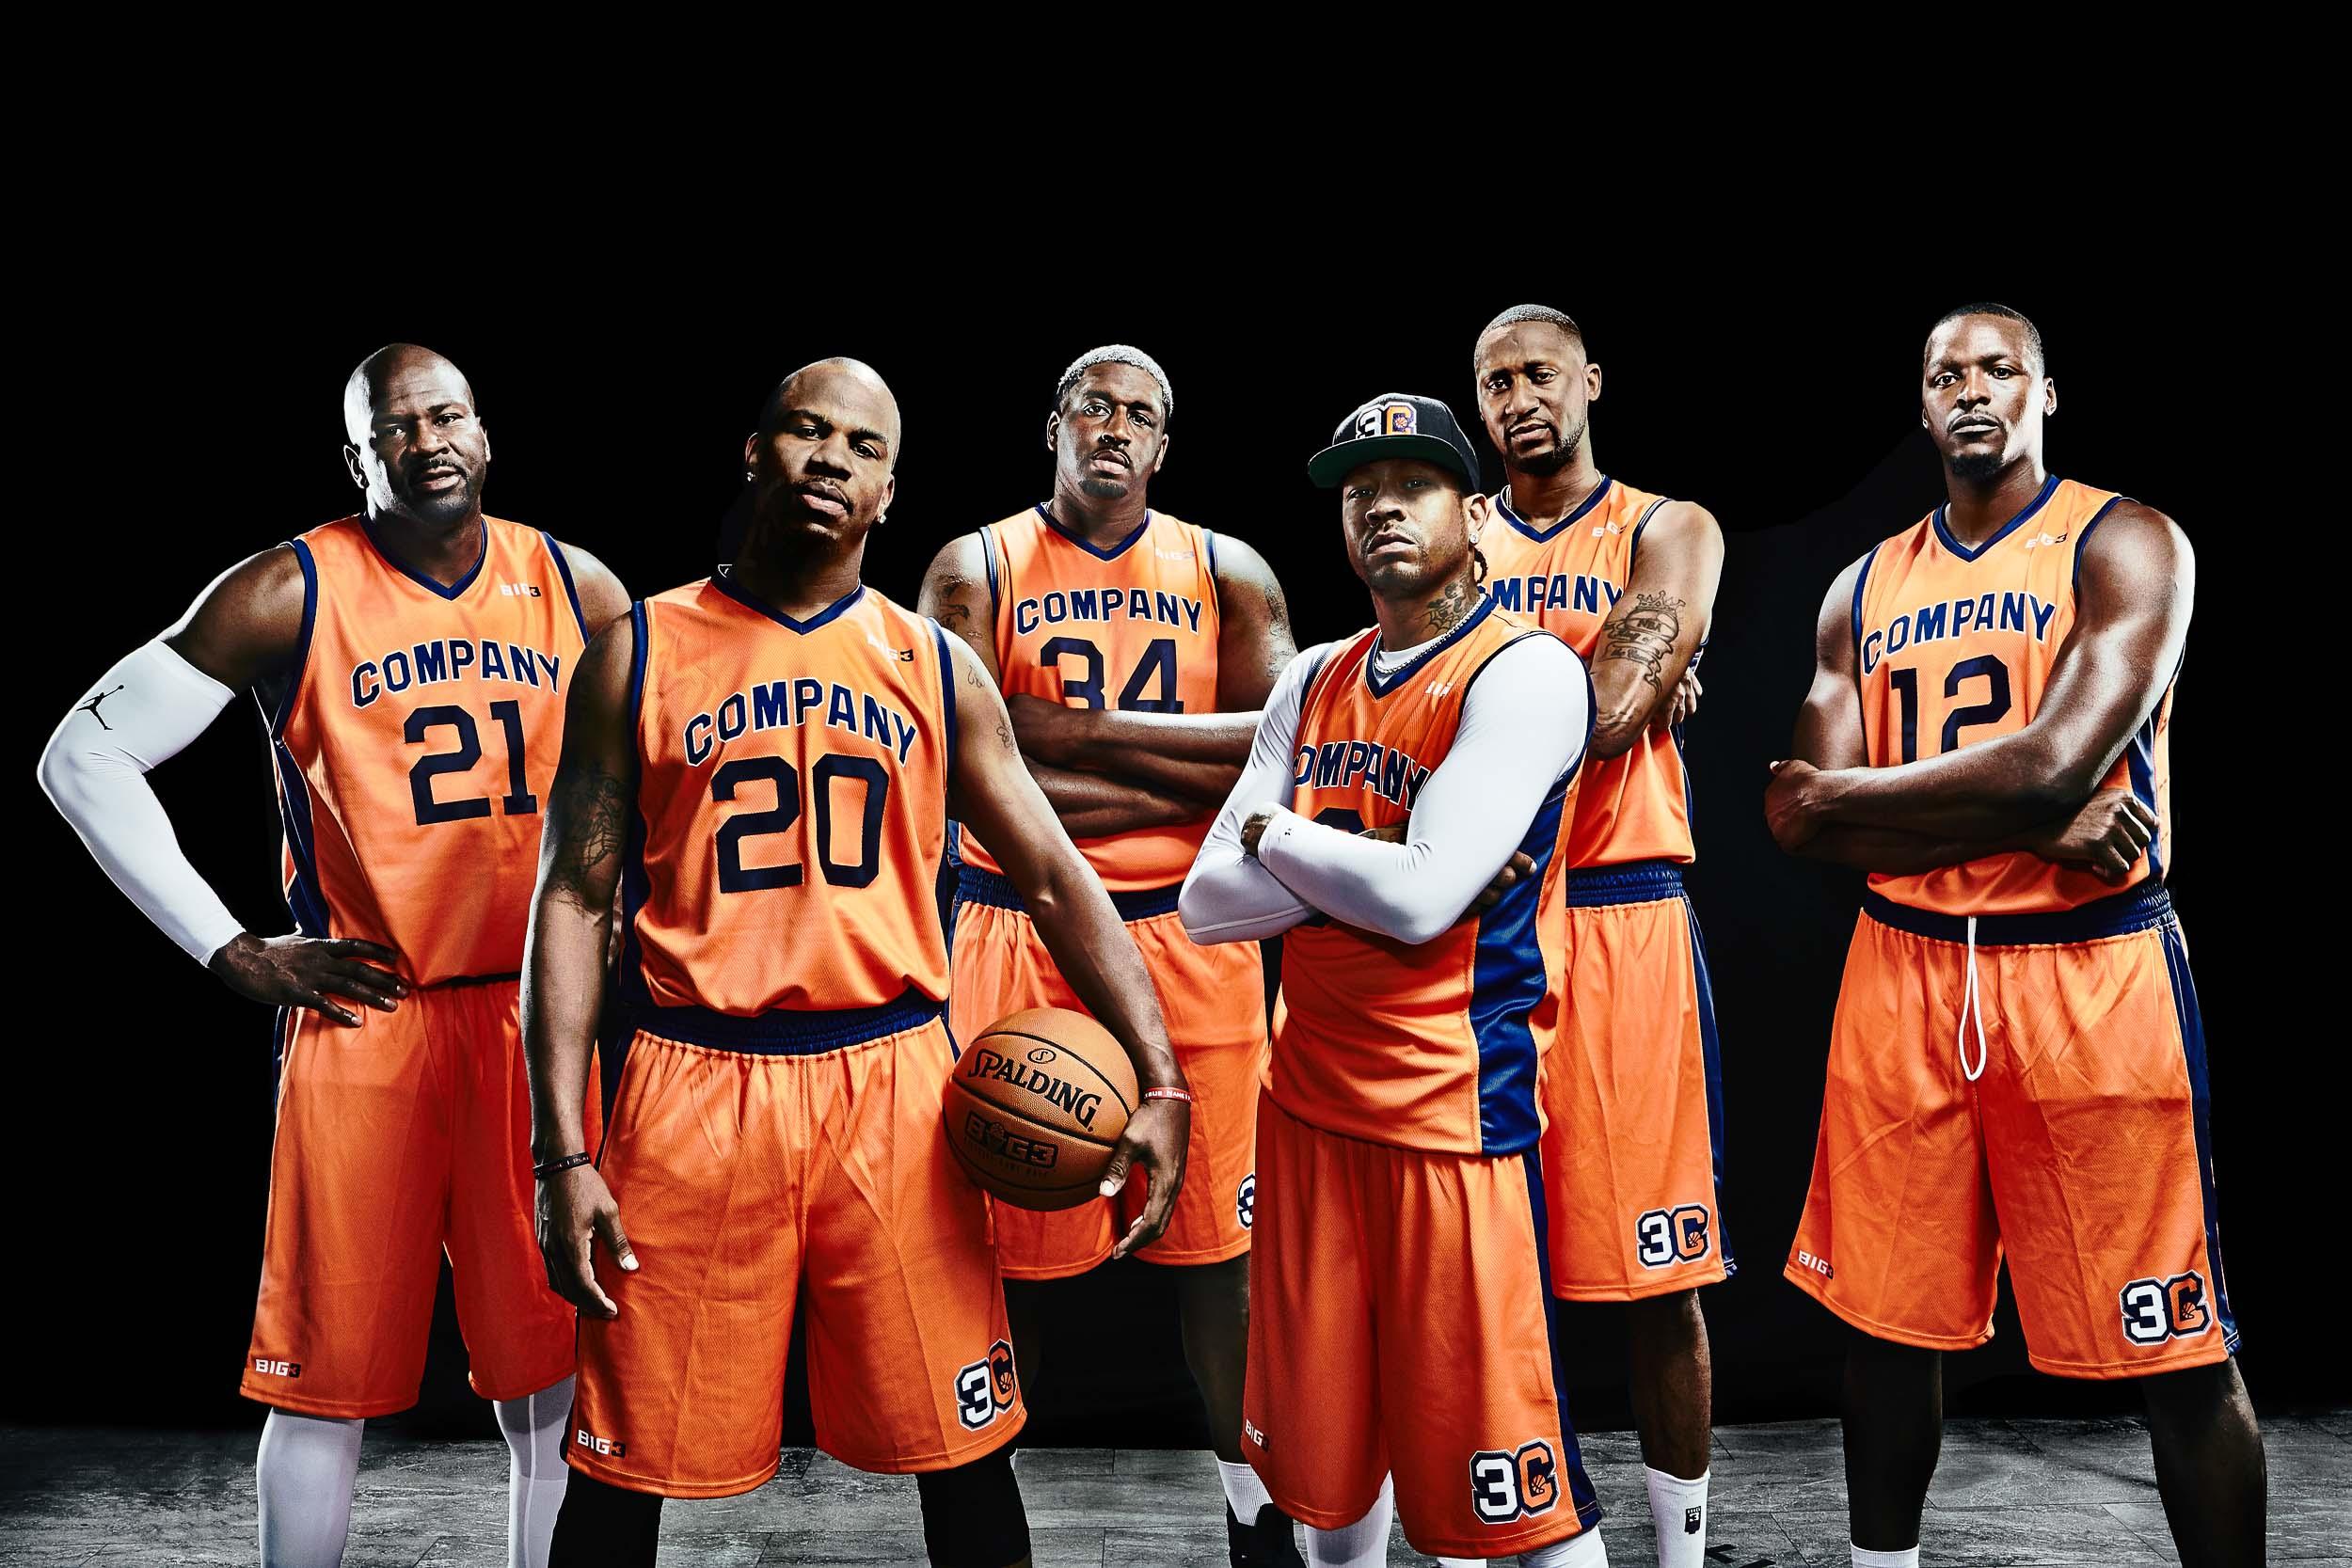 Big_3_Basketball_Baehler03.jpg